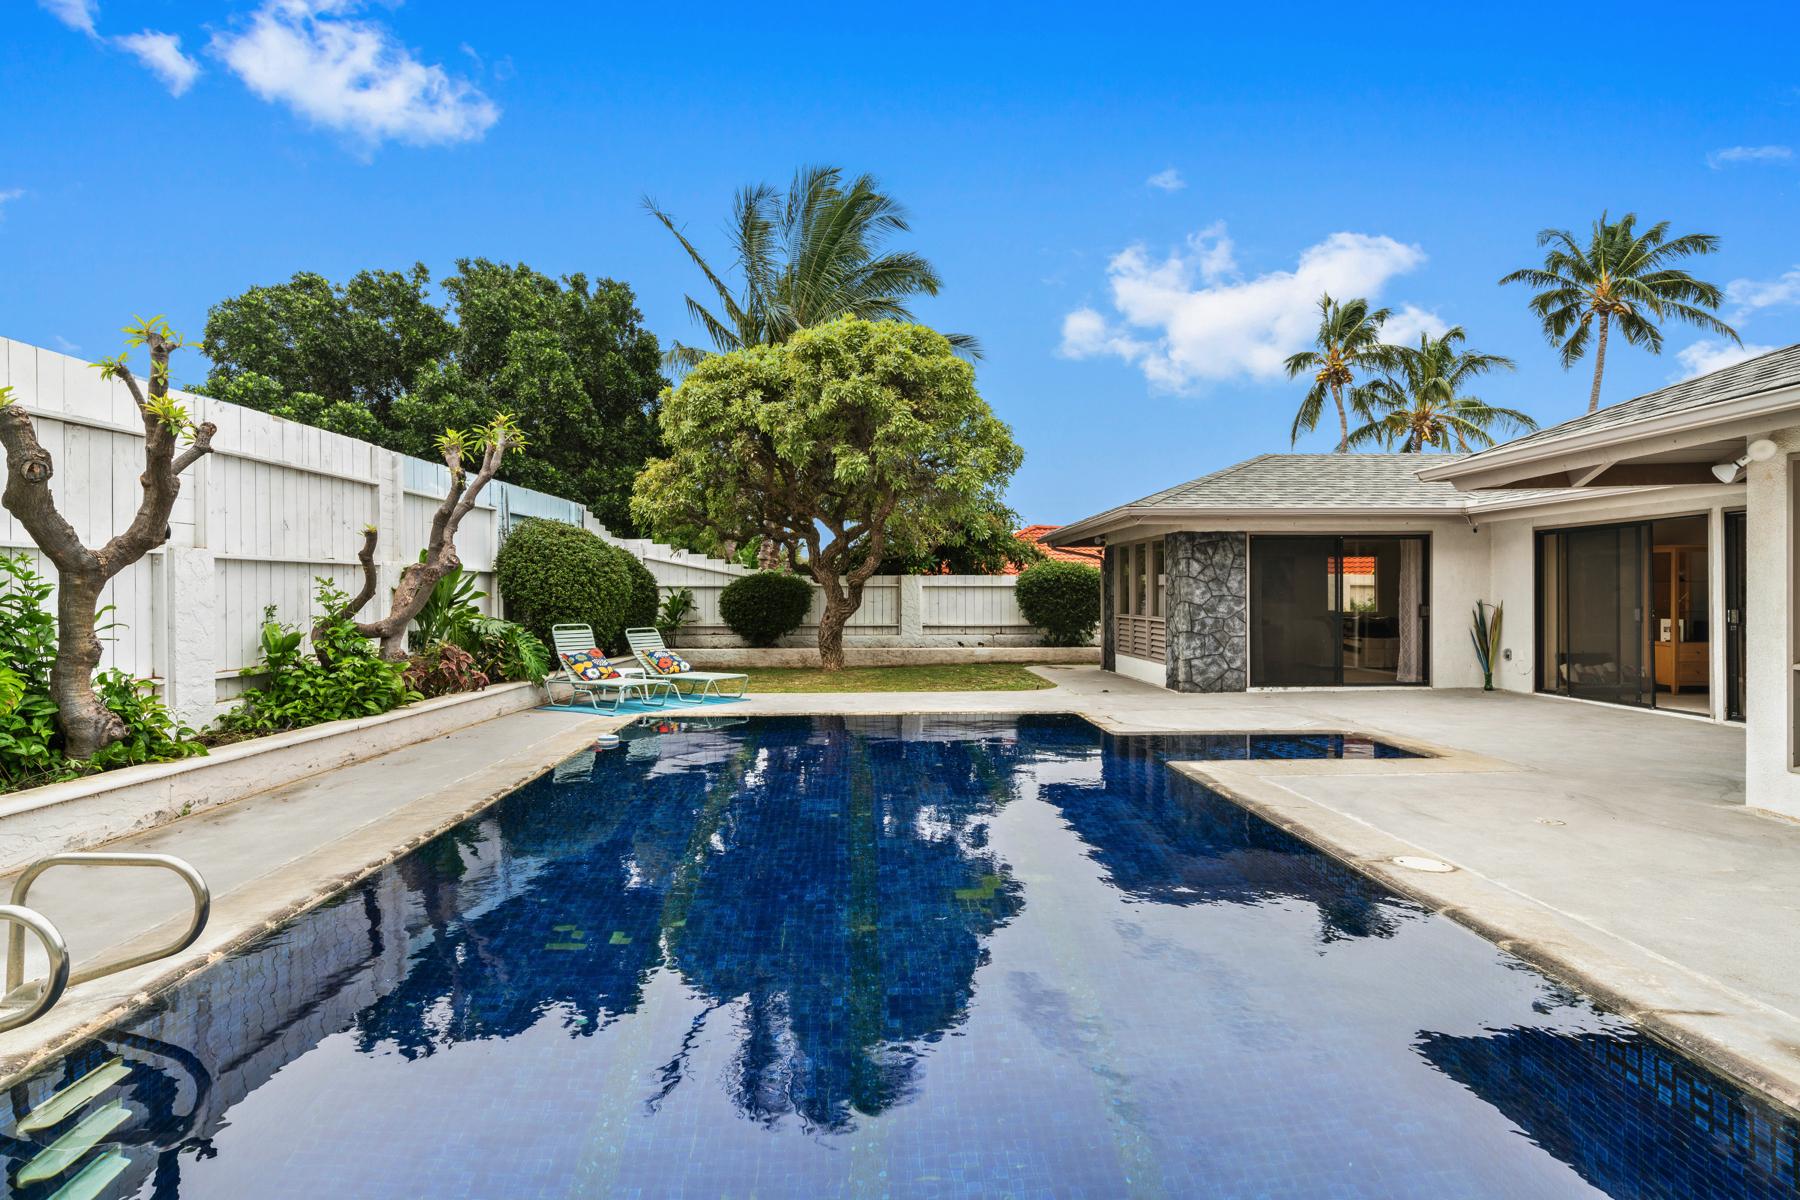 一戸建て のために 売買 アット Waikoloa Village 68-3721 Lopaka Place Waikoloa, ハワイ 96738 アメリカ合衆国